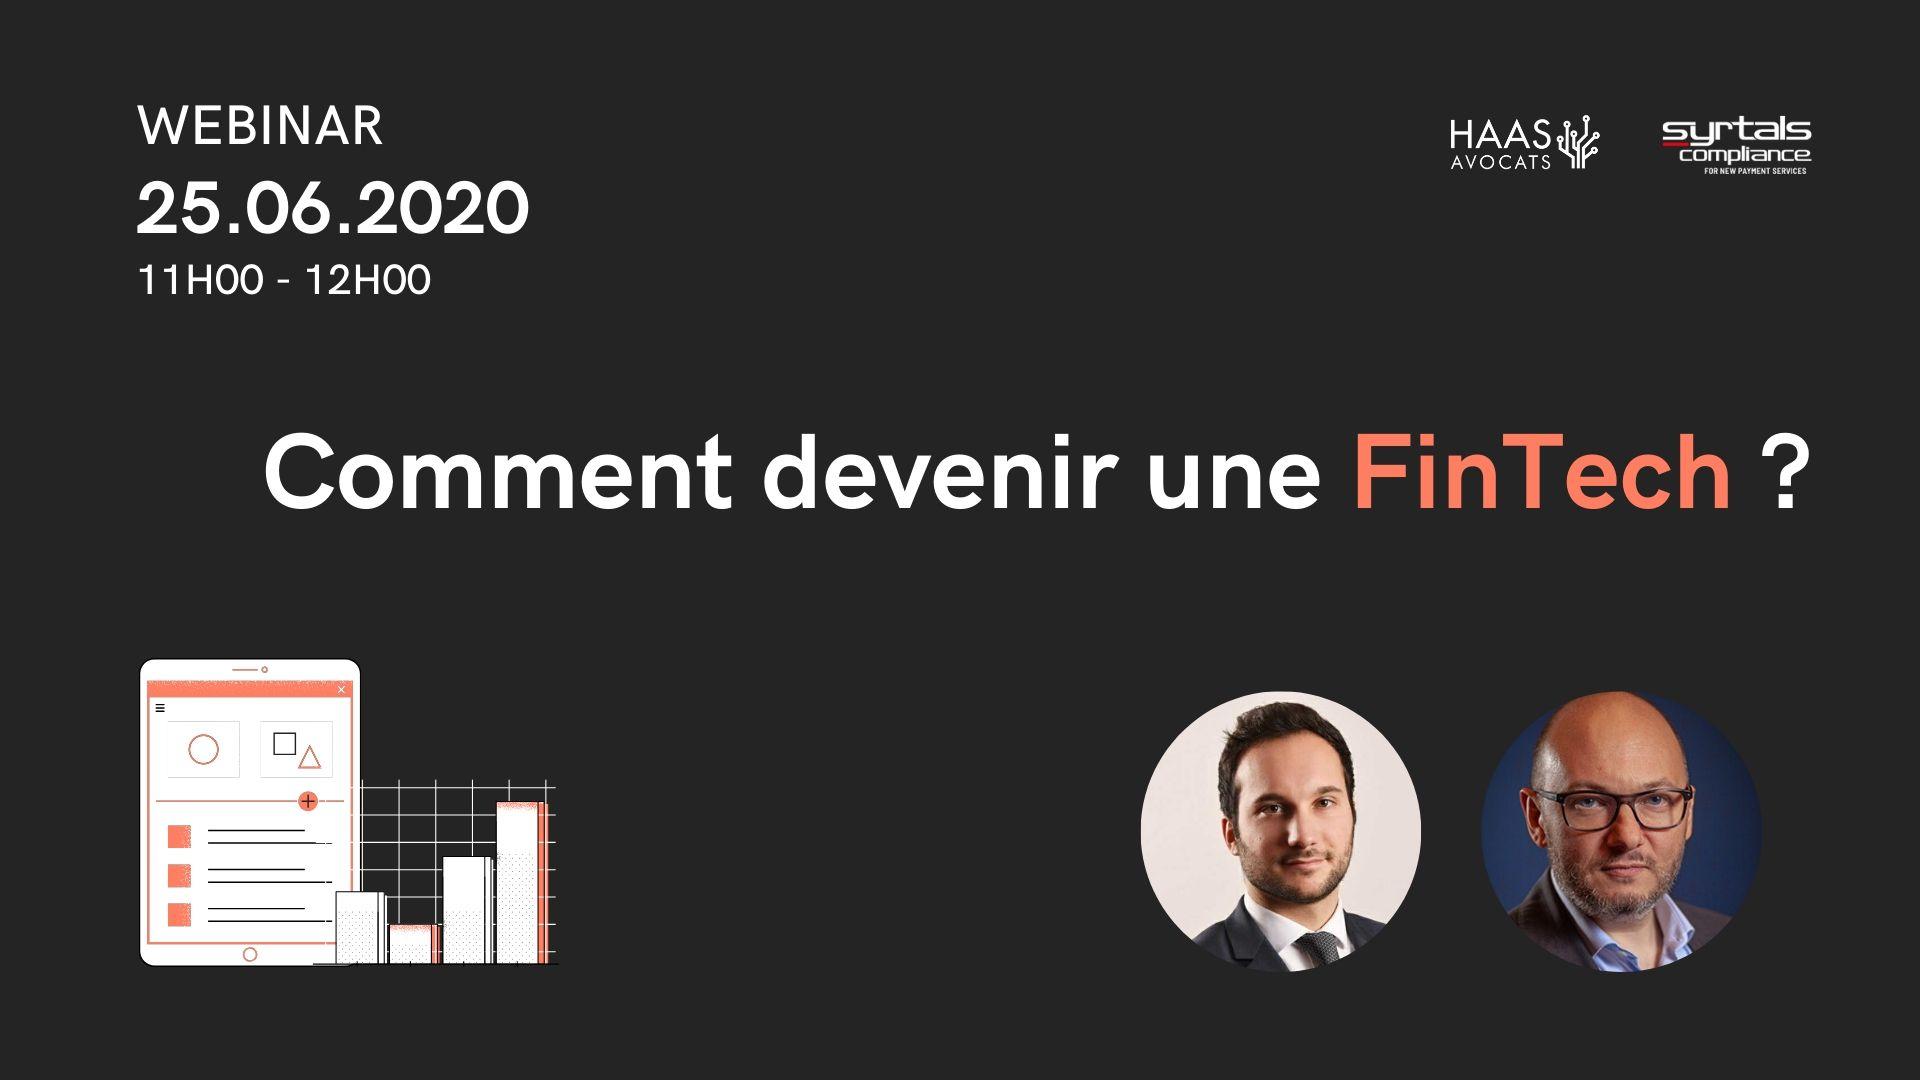 Comment devenir une FinTech ? Le point sur la réglementation financière